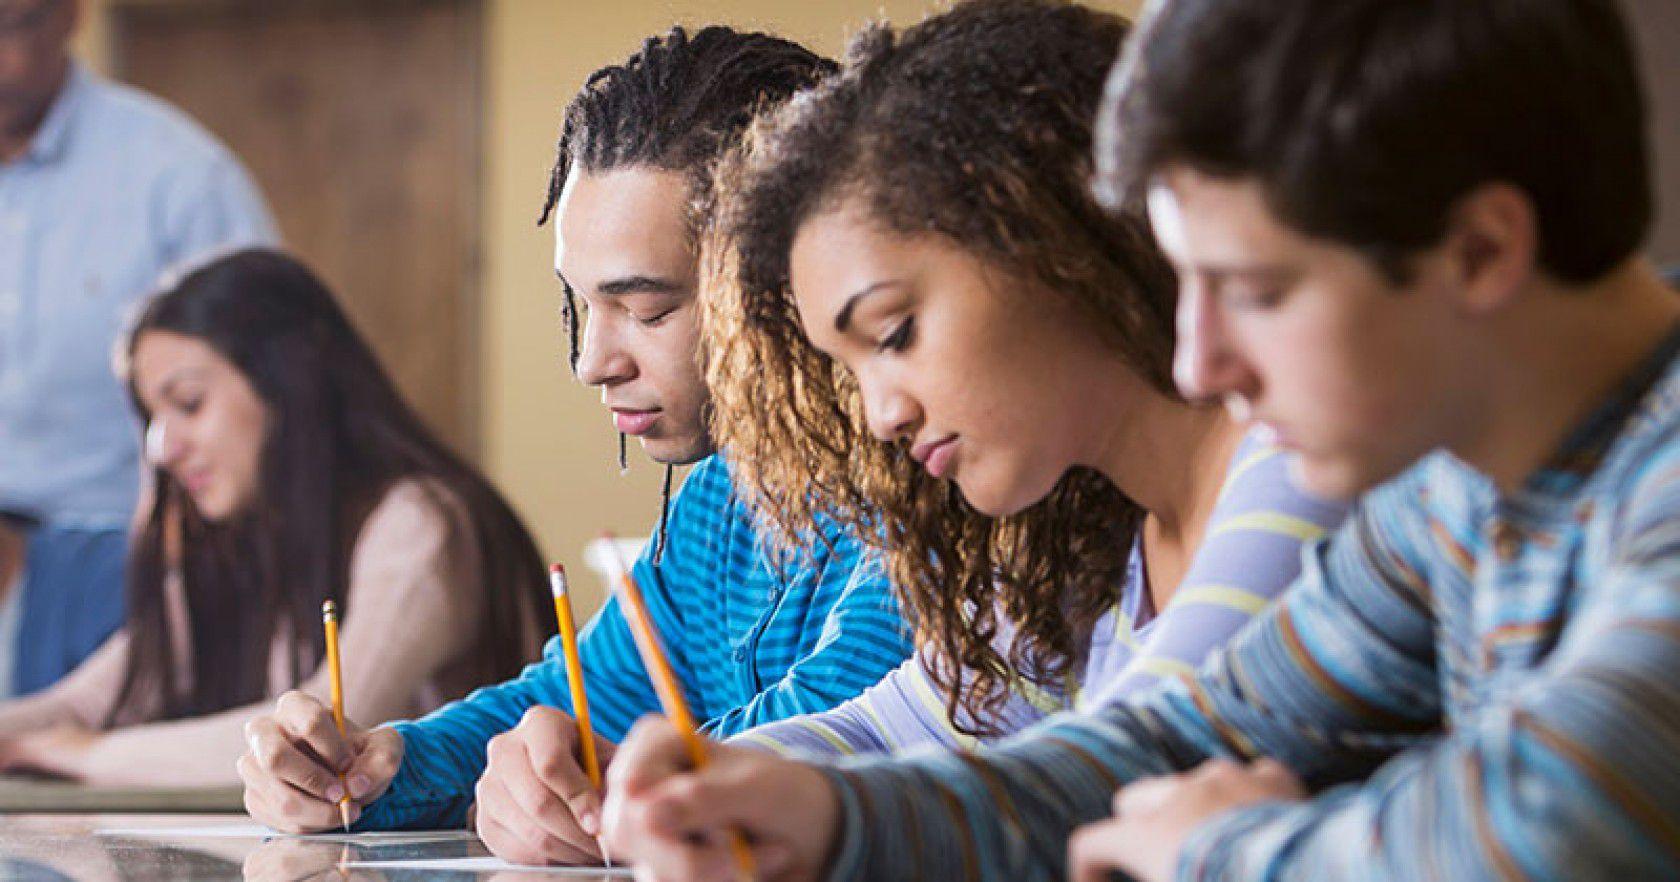 Avustralya Melbourne'da Lise Eğitimi Almak